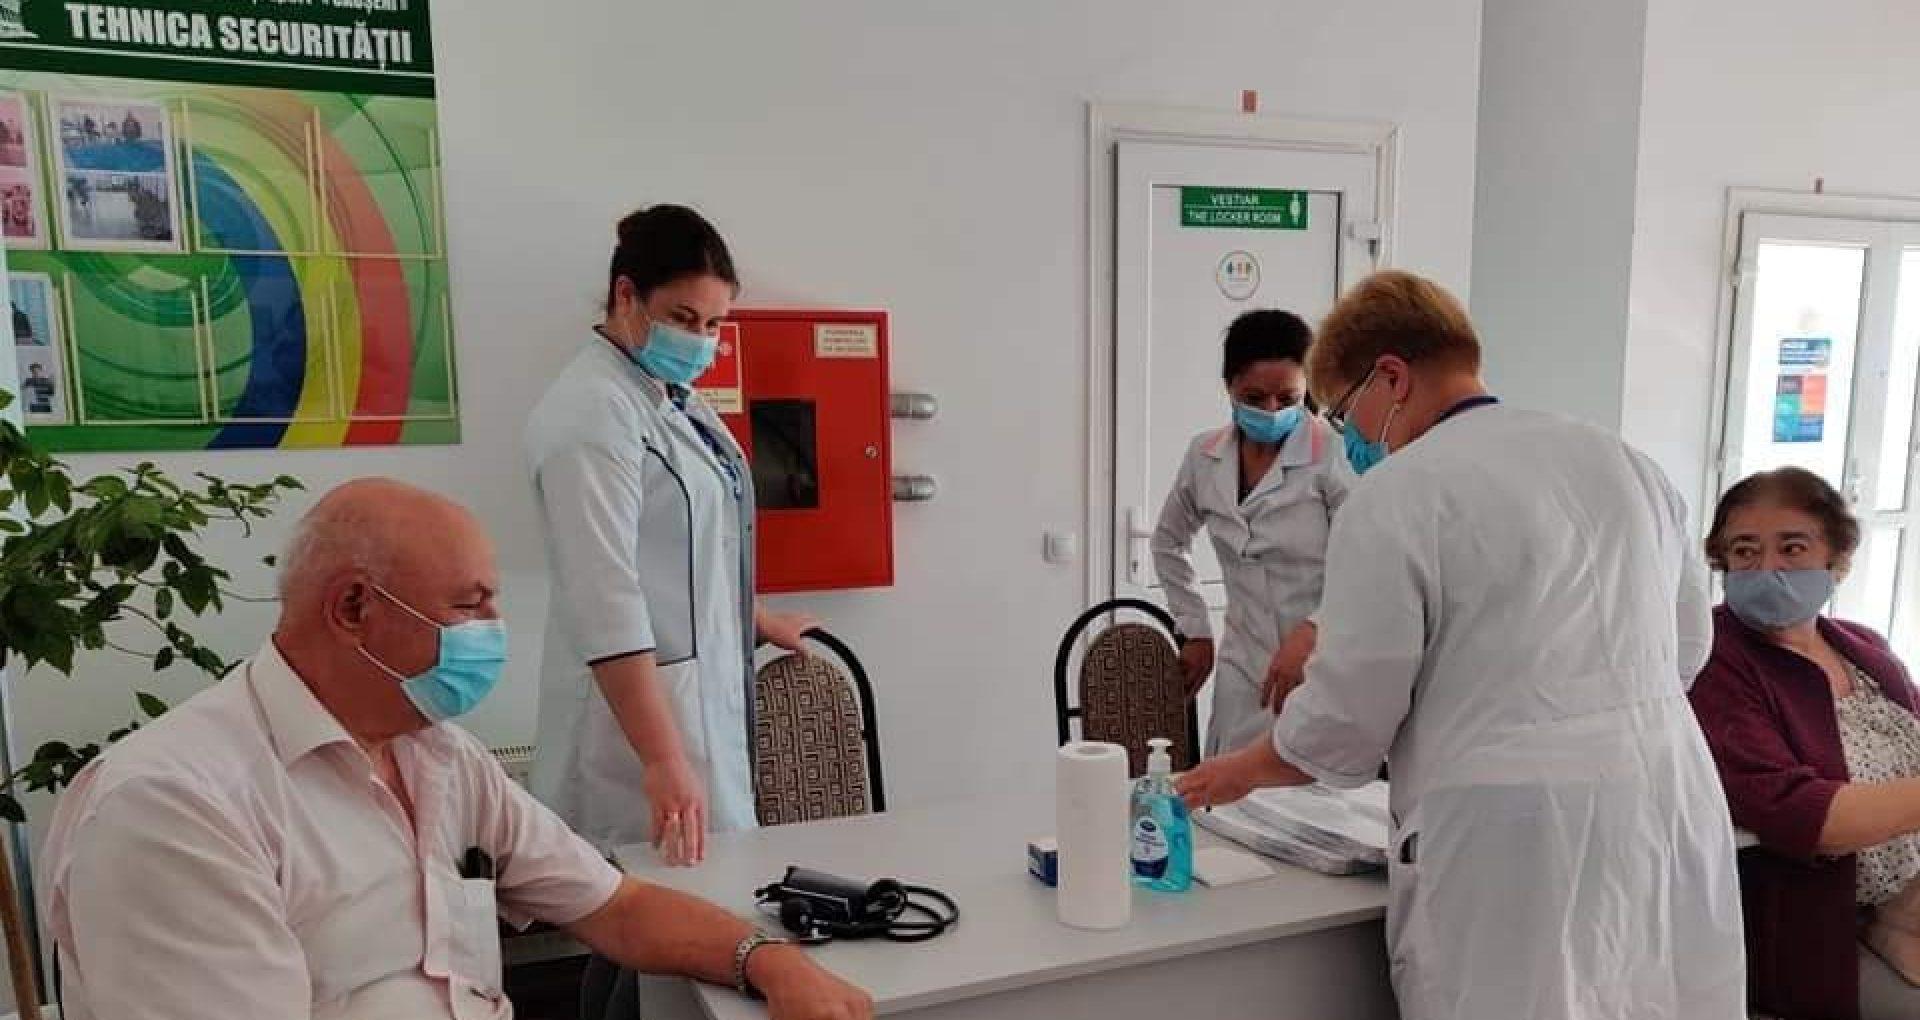 FOTO/ 300 de persoane au fost vaccinate împotriva COVID-19 la maratonul vaccinării la Căușeni, până la amiază